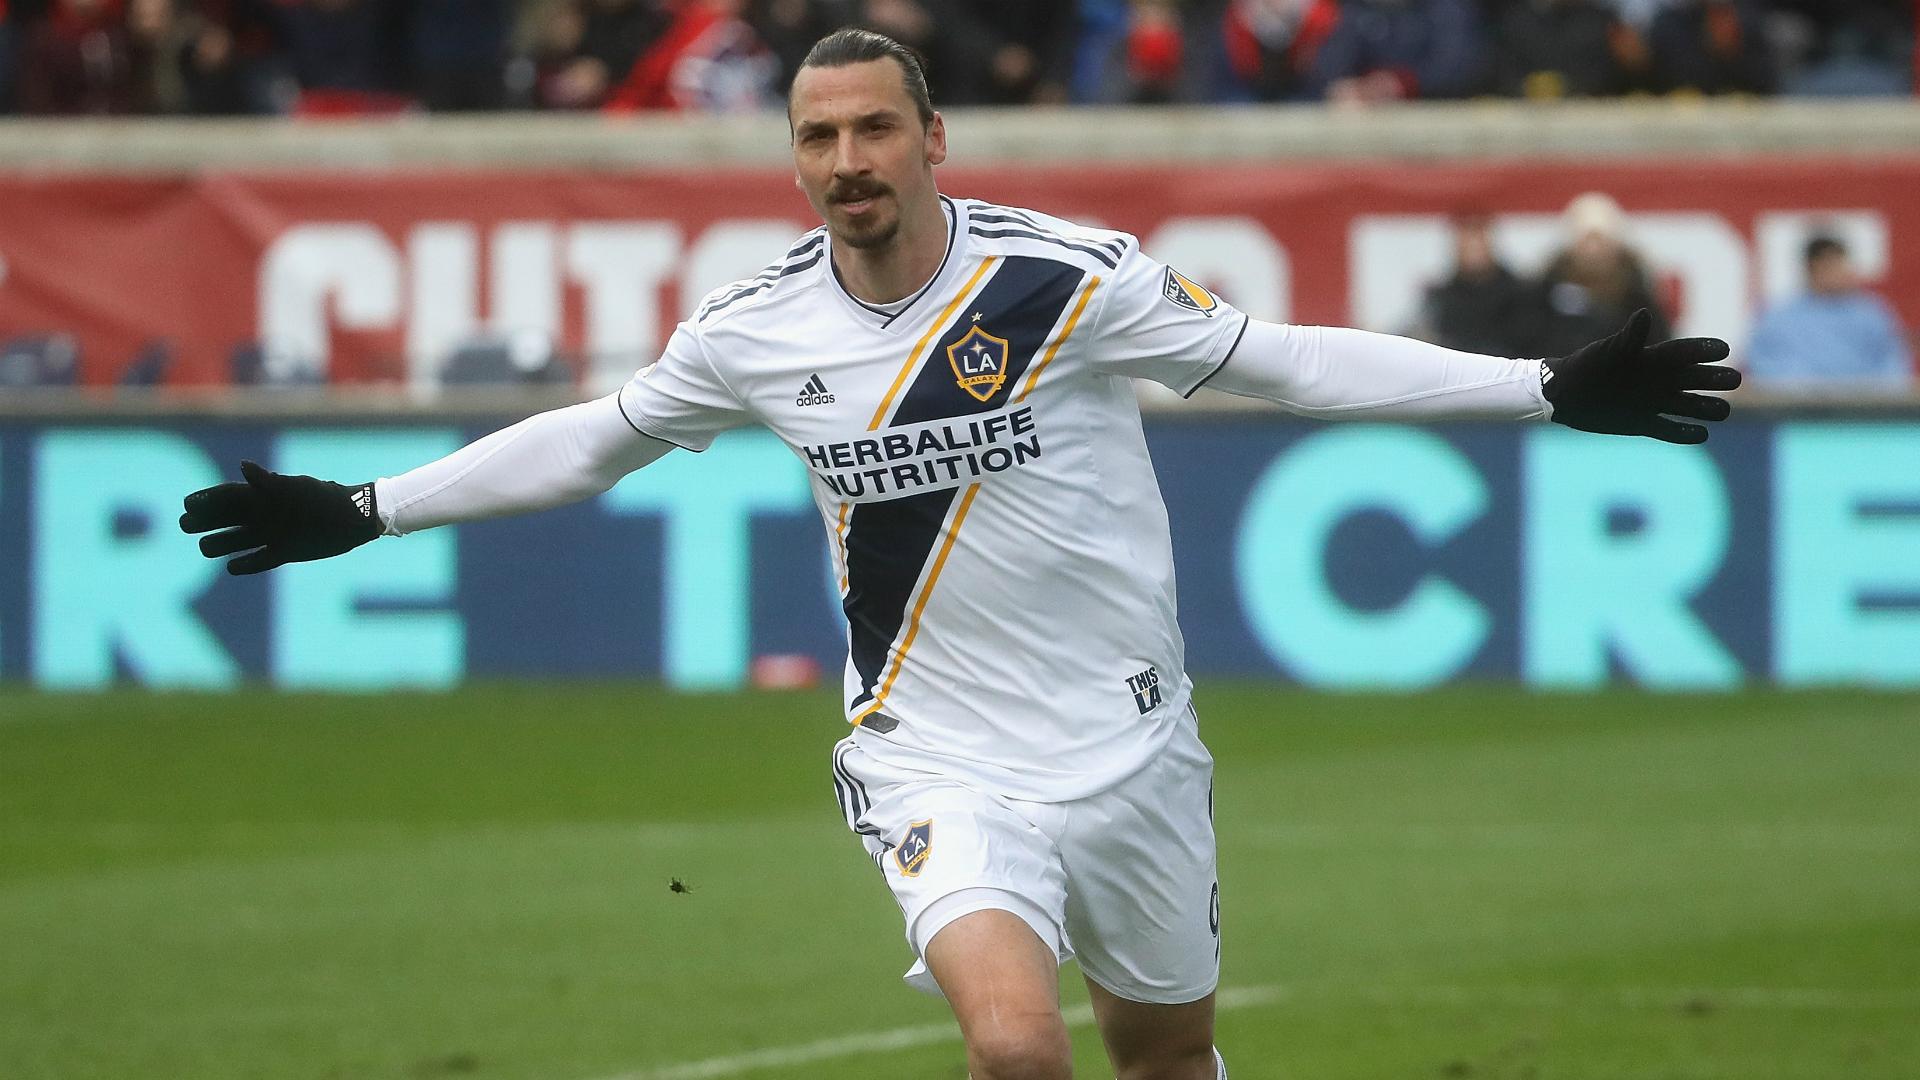 Soccer star Zlatan Ibrahimovic welcomes LeBron to LA: 'Now LA has a God and a King'